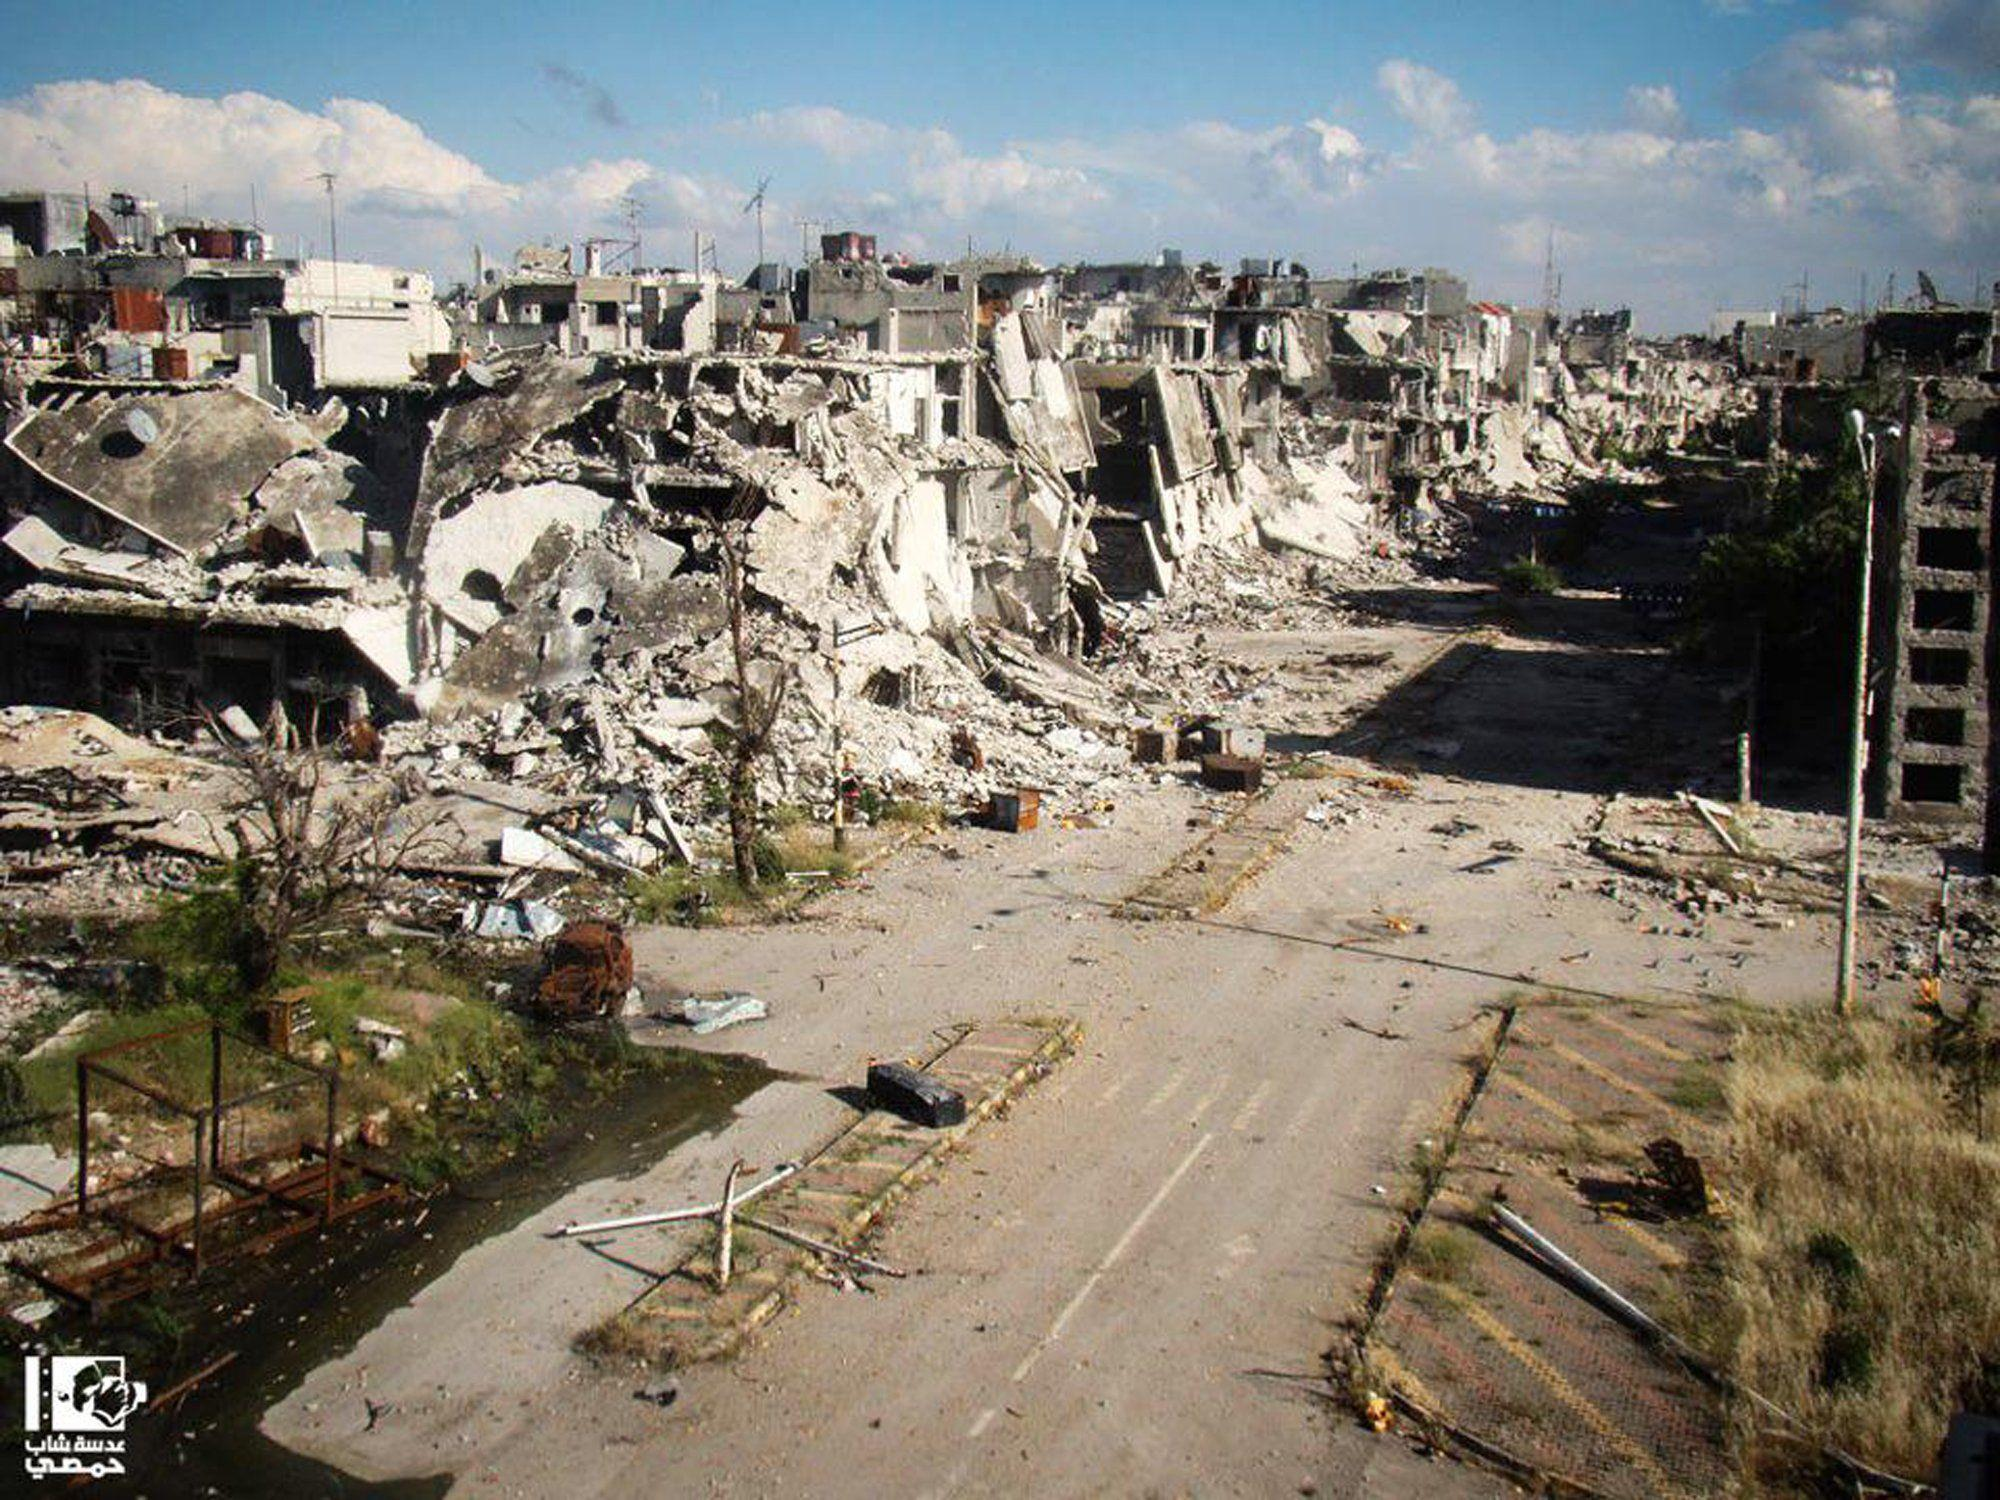 Die letzten Rebellen ziehen nach Jahren des Kampfes aus dem völlig zerstörten Homs ab.